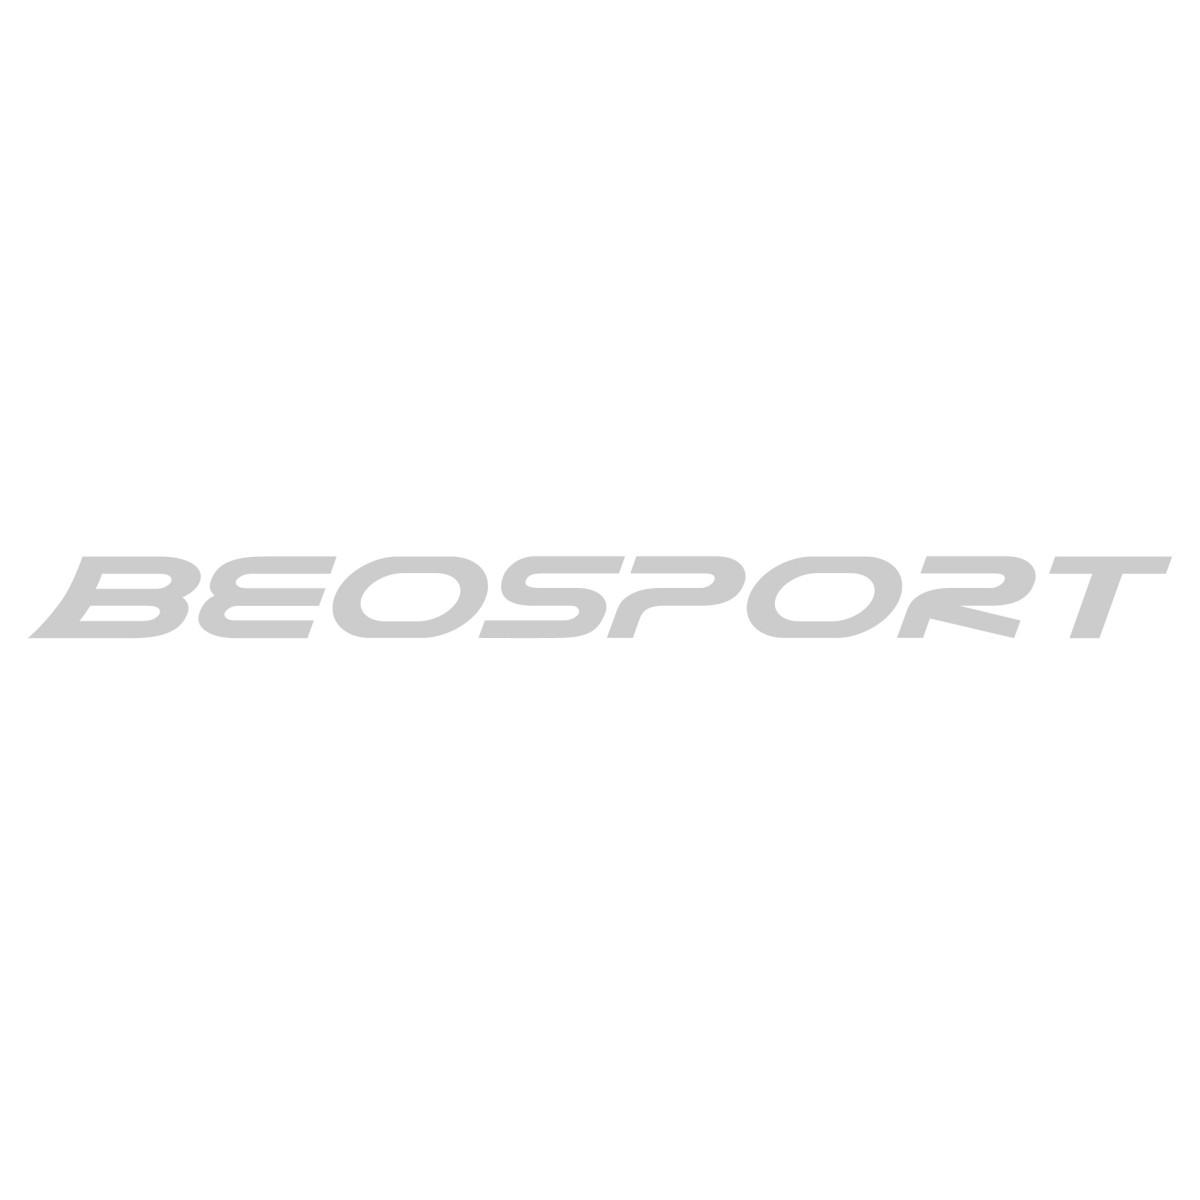 O'Neill Pm Utlty pantalone